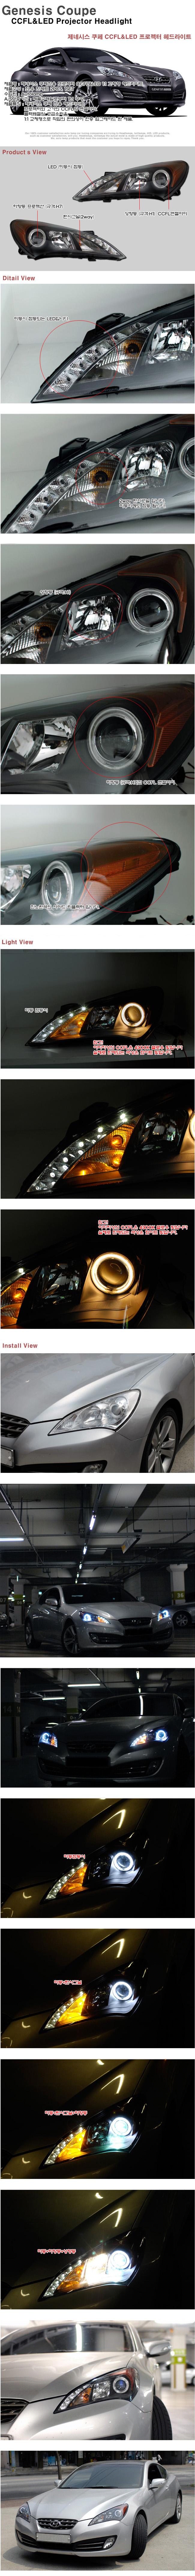 제네시스 쿠페 CCFL(화이트) 엔젤아이 & LED 헤드라이트 (`09~)